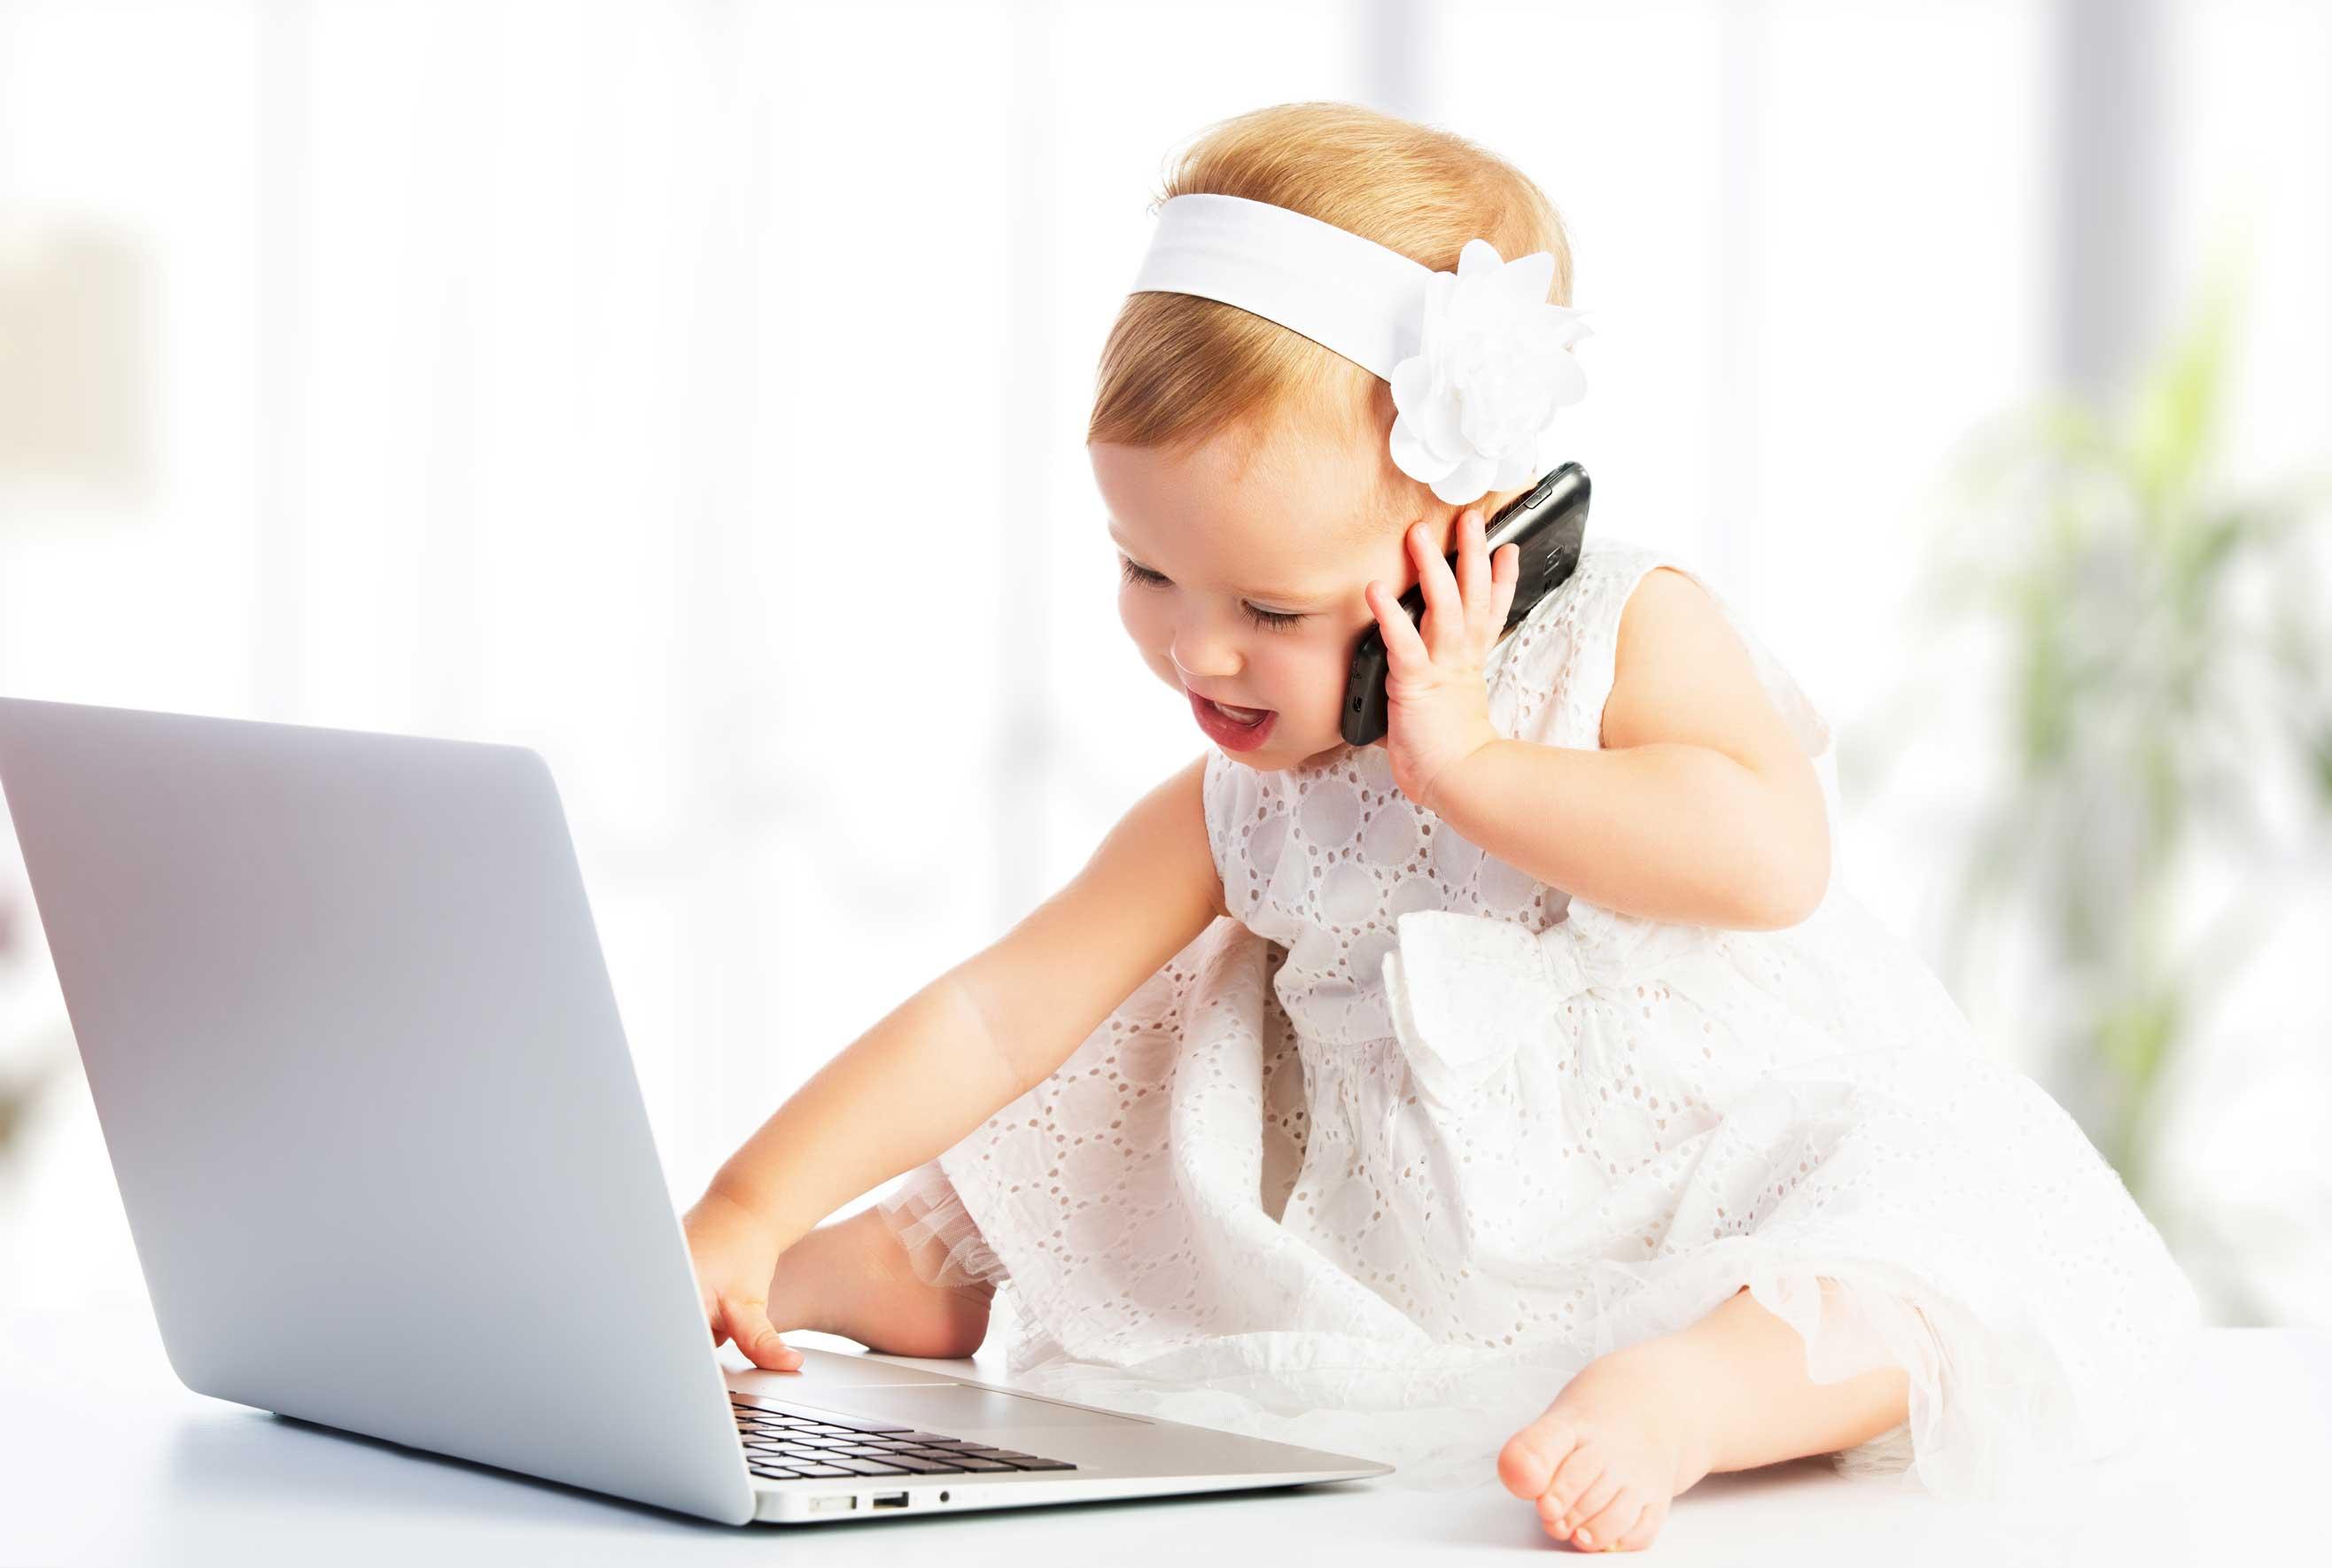 Çocuk bakıcısı referansı nasıl kontrol edilir?